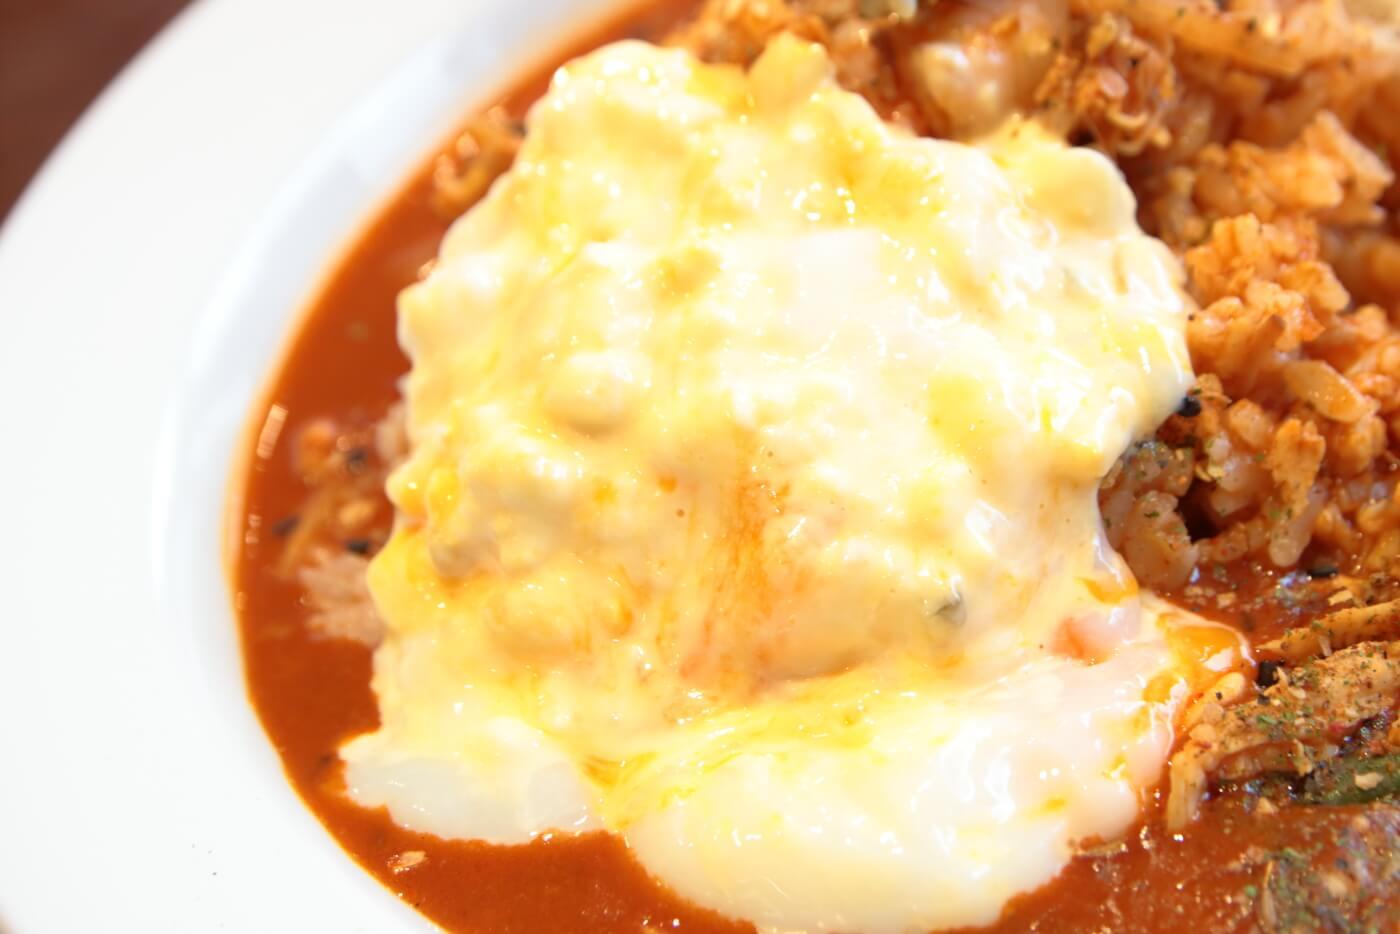 CoCo壱番屋(ココイチ)スパイスカレー THE Asia 半熟卵タルタルトッピング